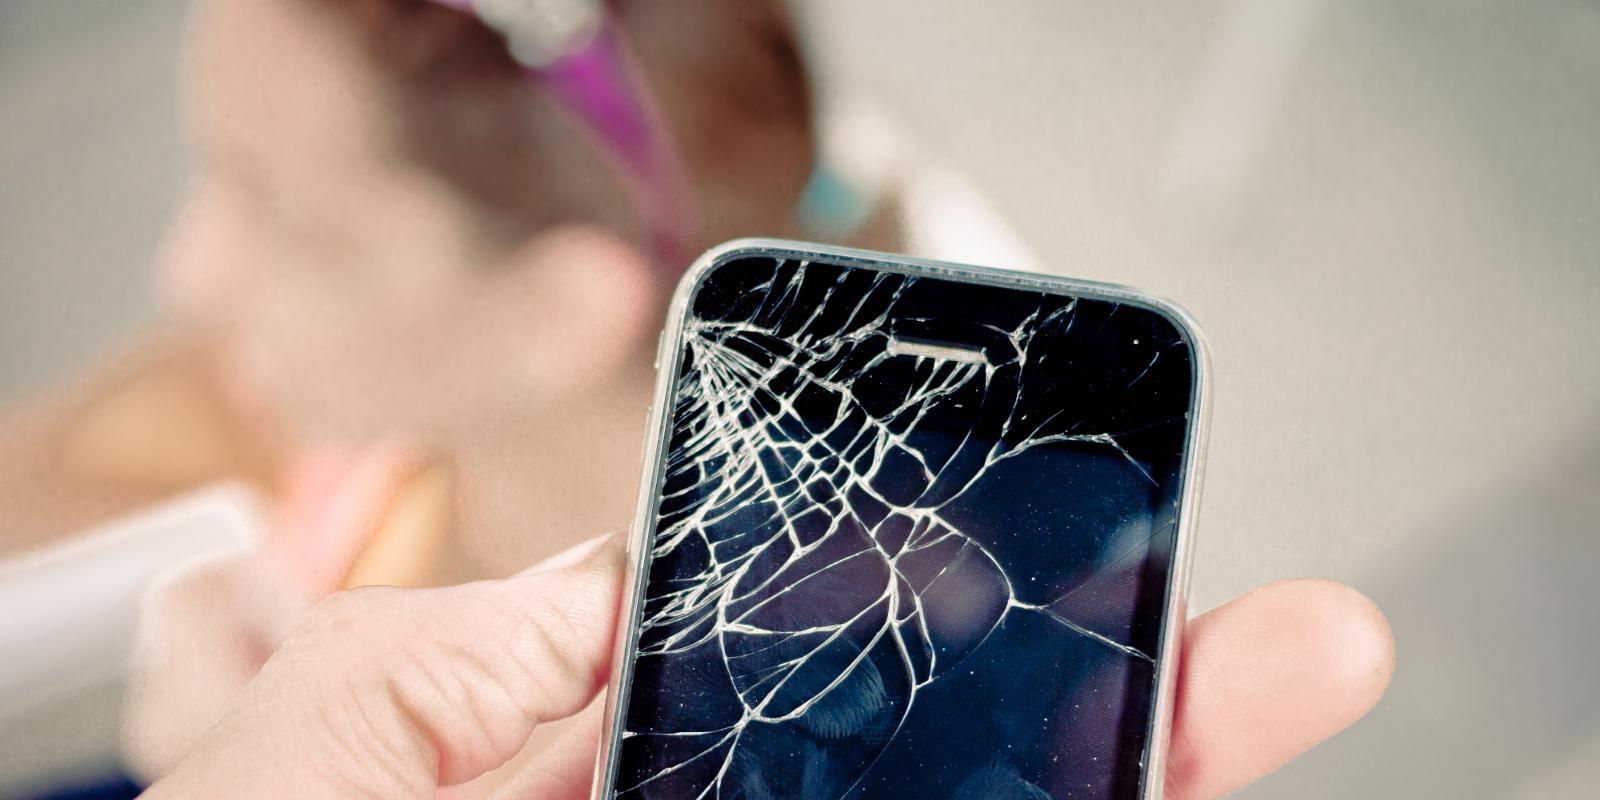 How do I get my broken iPhone screen fixed?